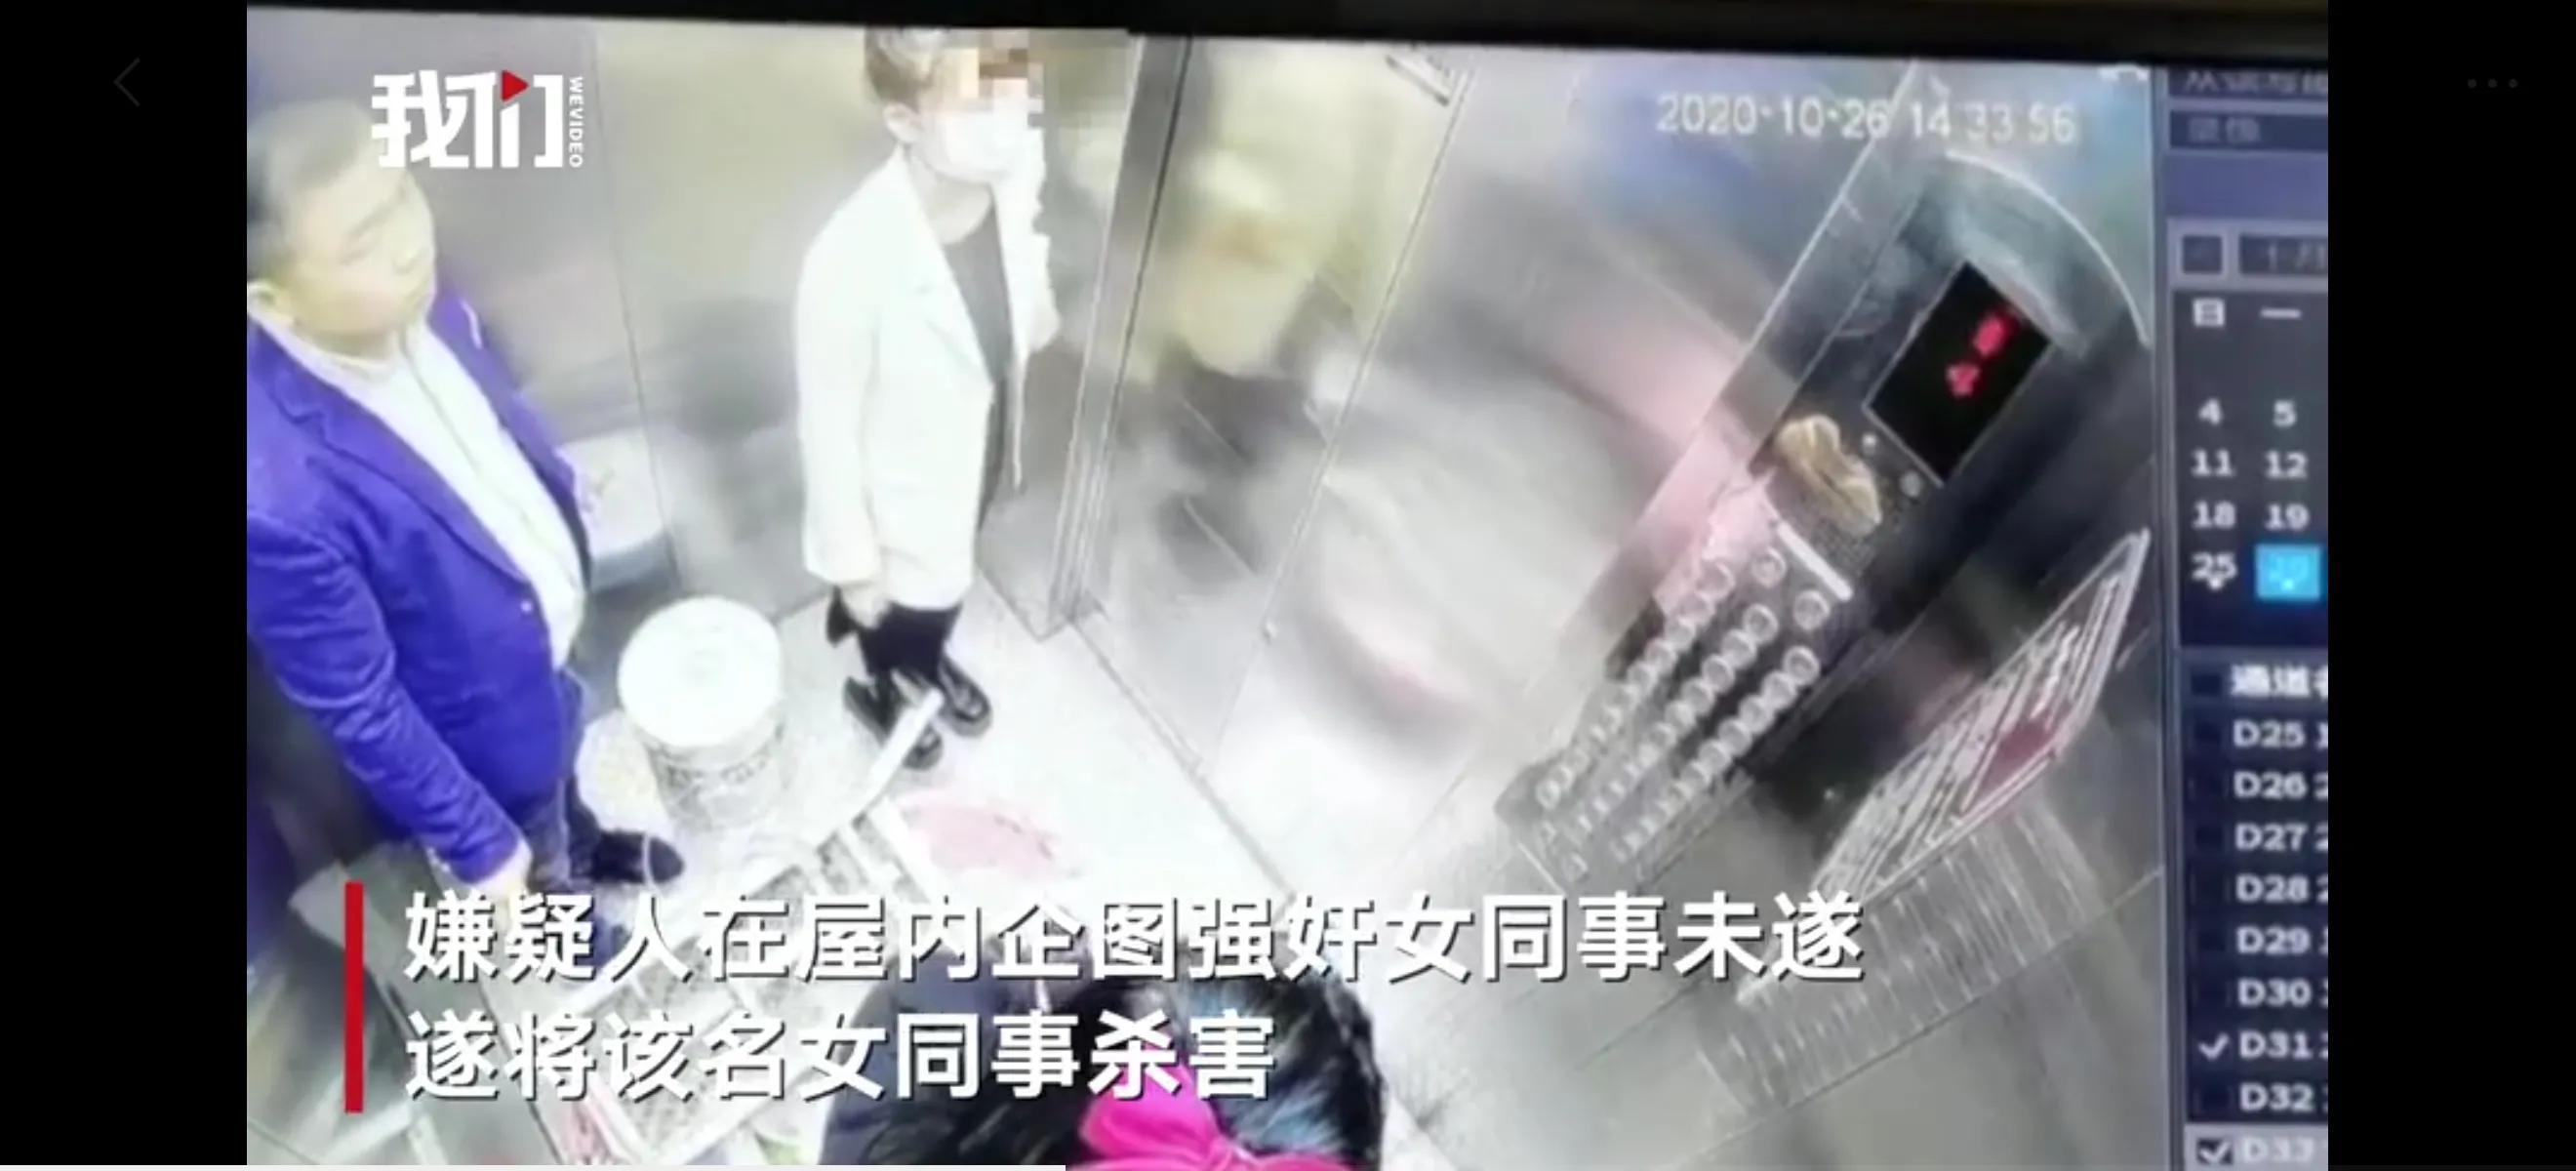 西安男子出租屋内将2女同事杀害分尸并抛尸 警方:强奸未遂后作案